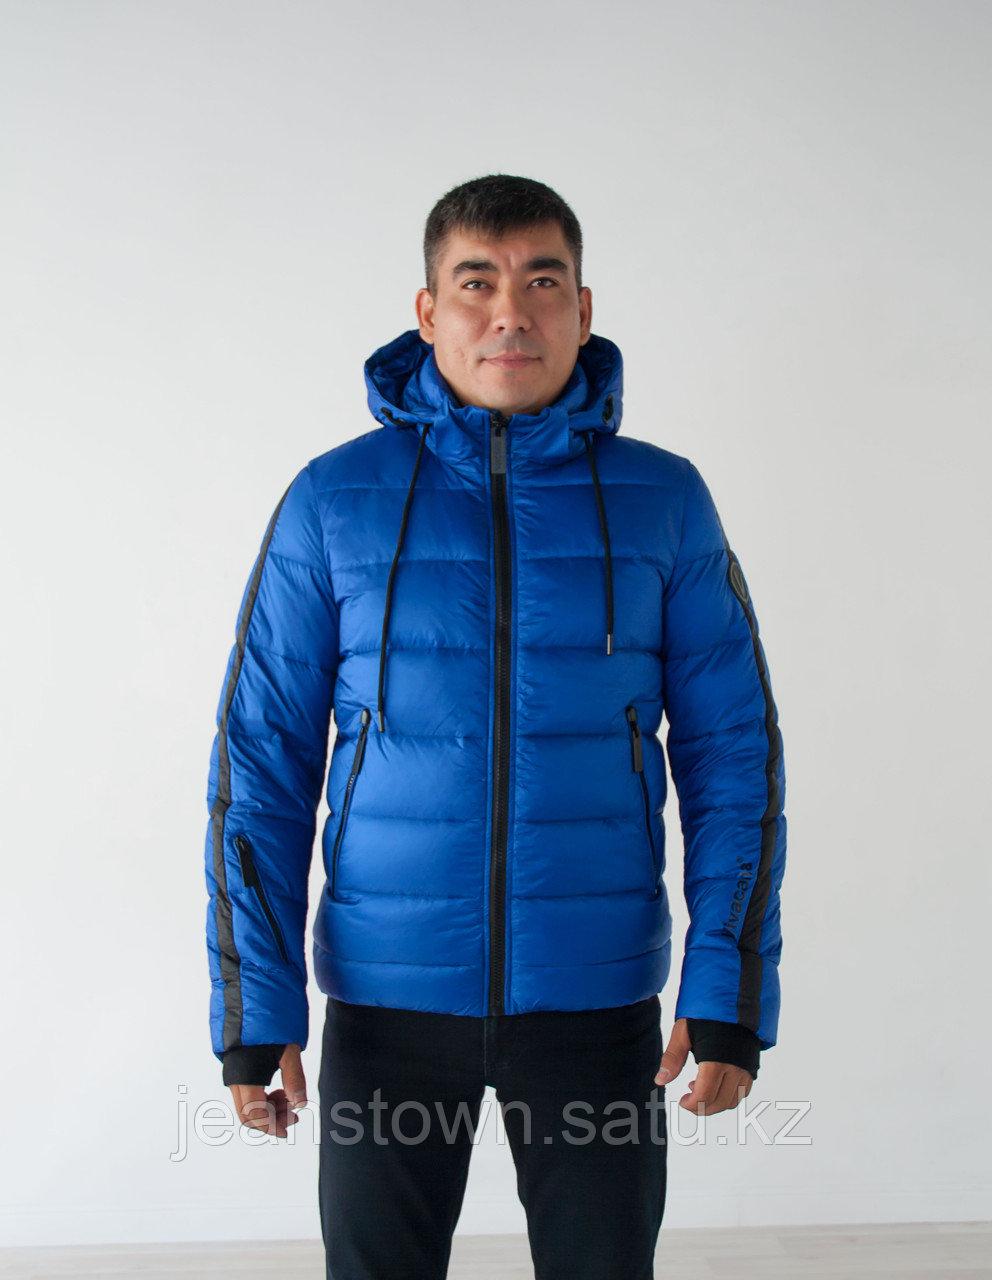 Куртка мужская зимняя Vivacana короткая синяя